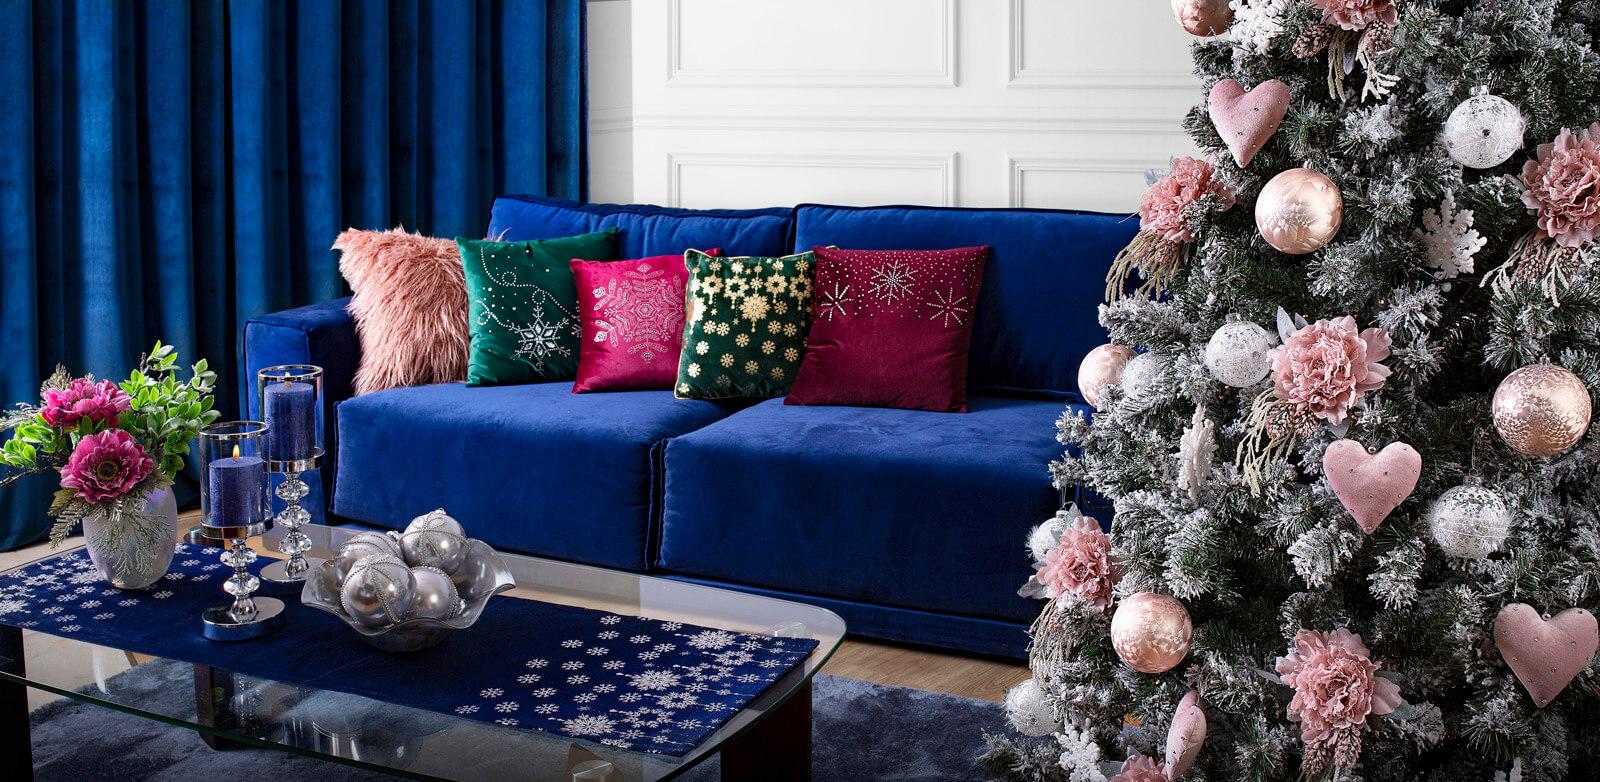 Kup aranżację salonu w stylu Bożonarodzeniowym